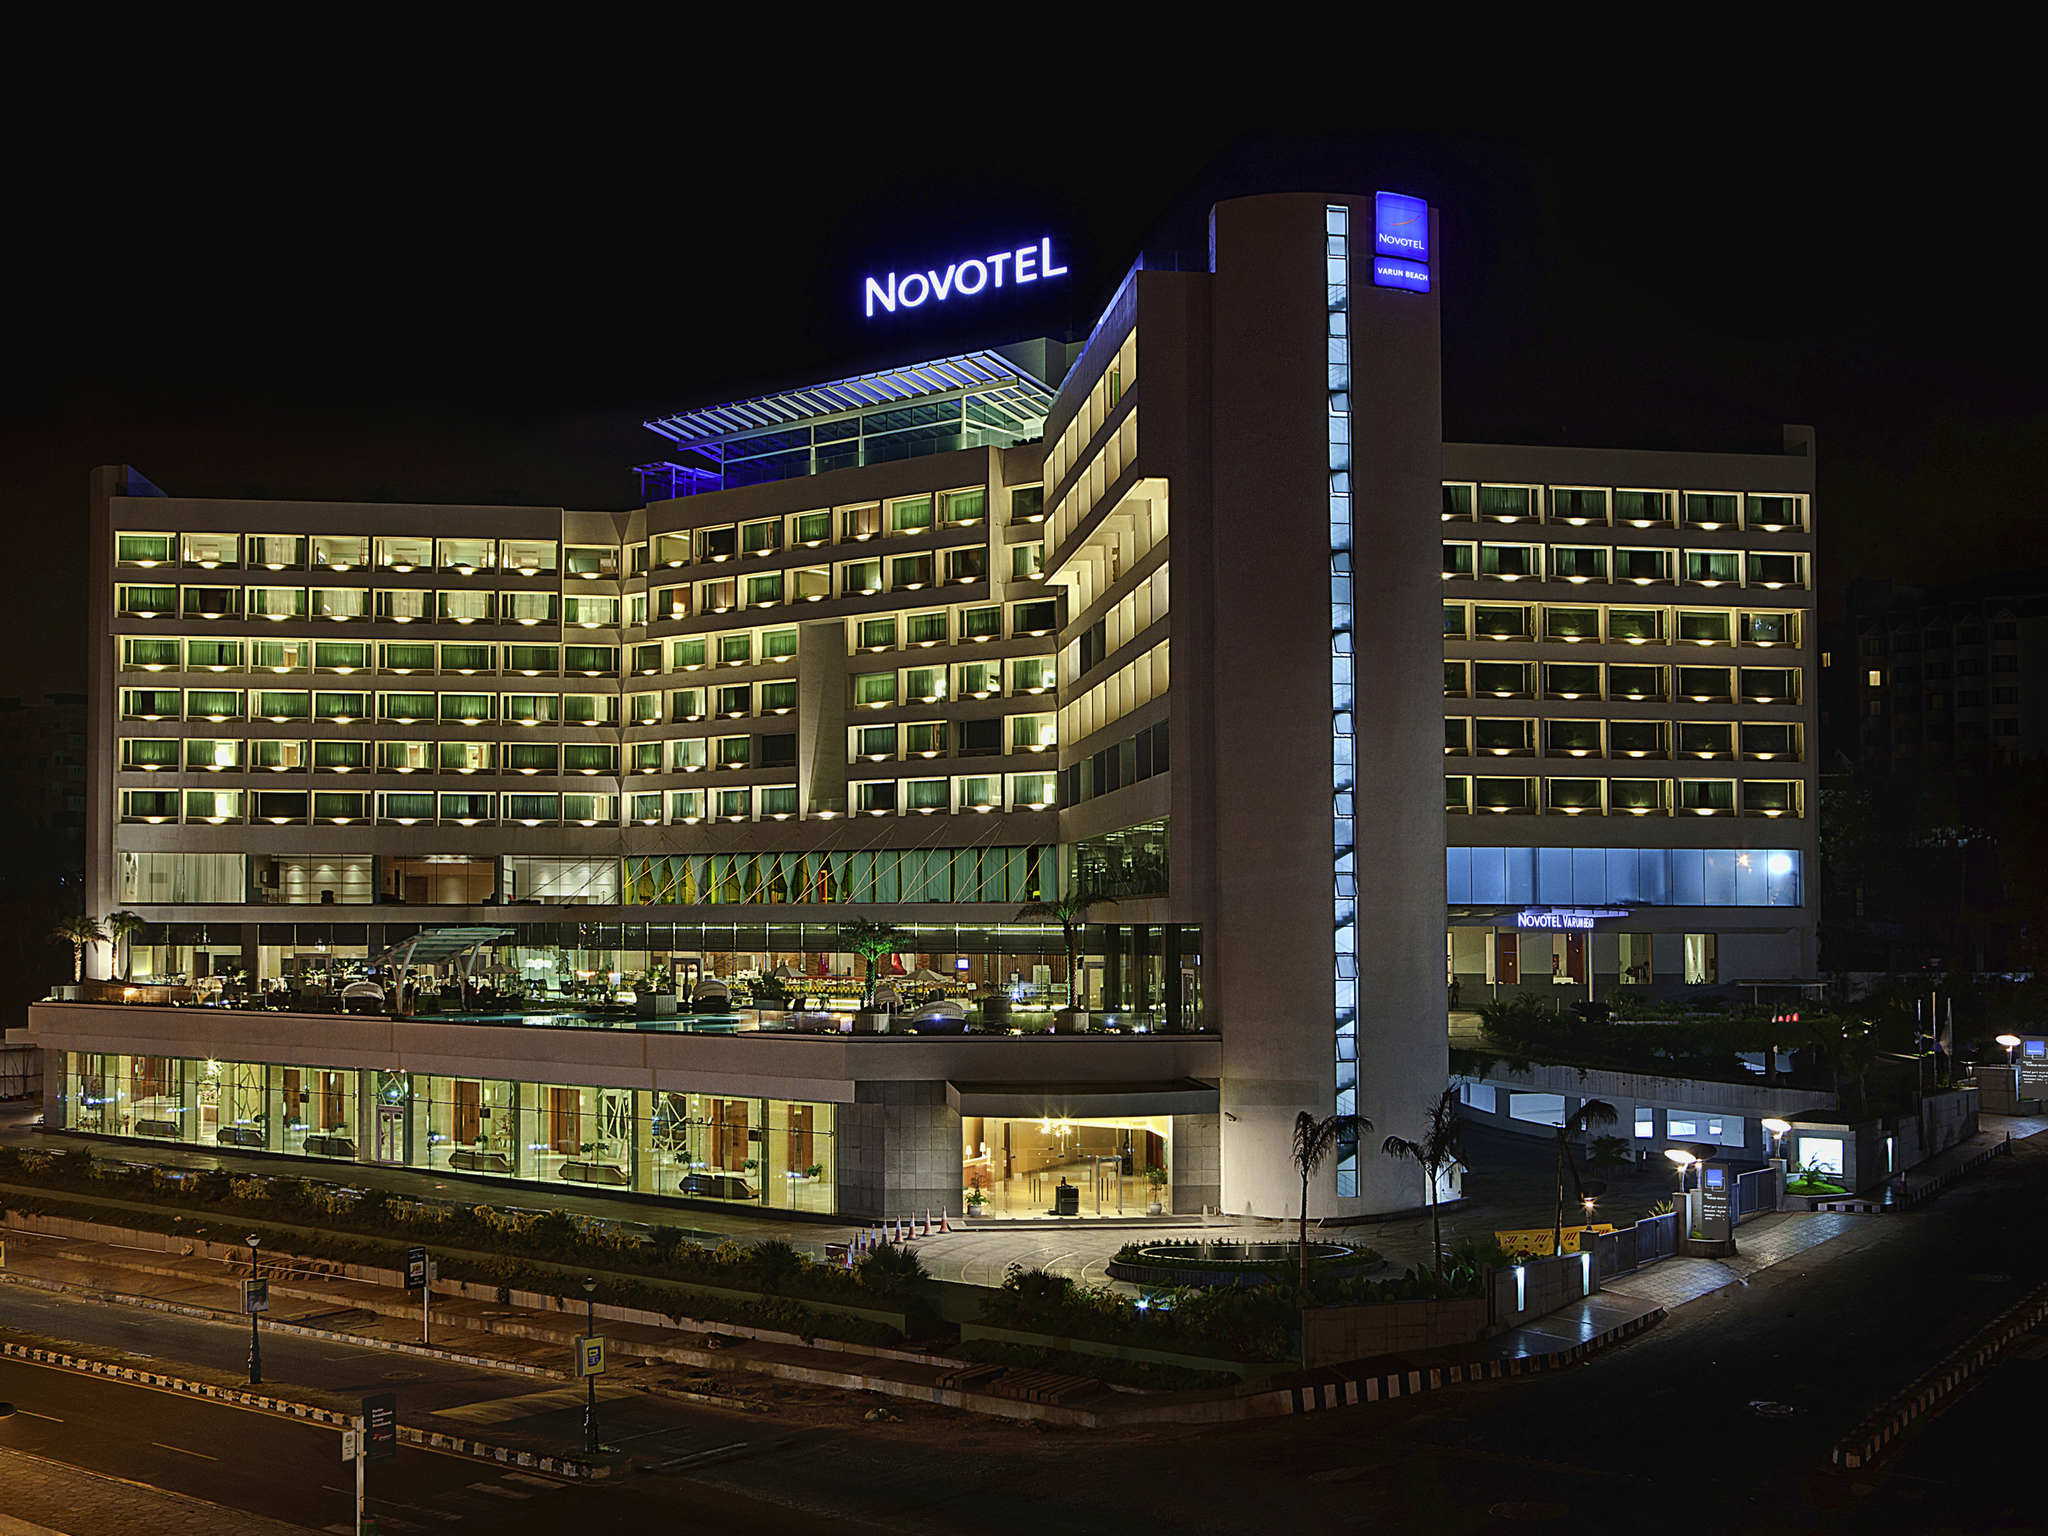 Visakhapatnam Beach Hotel - Novotel Visakhapatnam Varun on